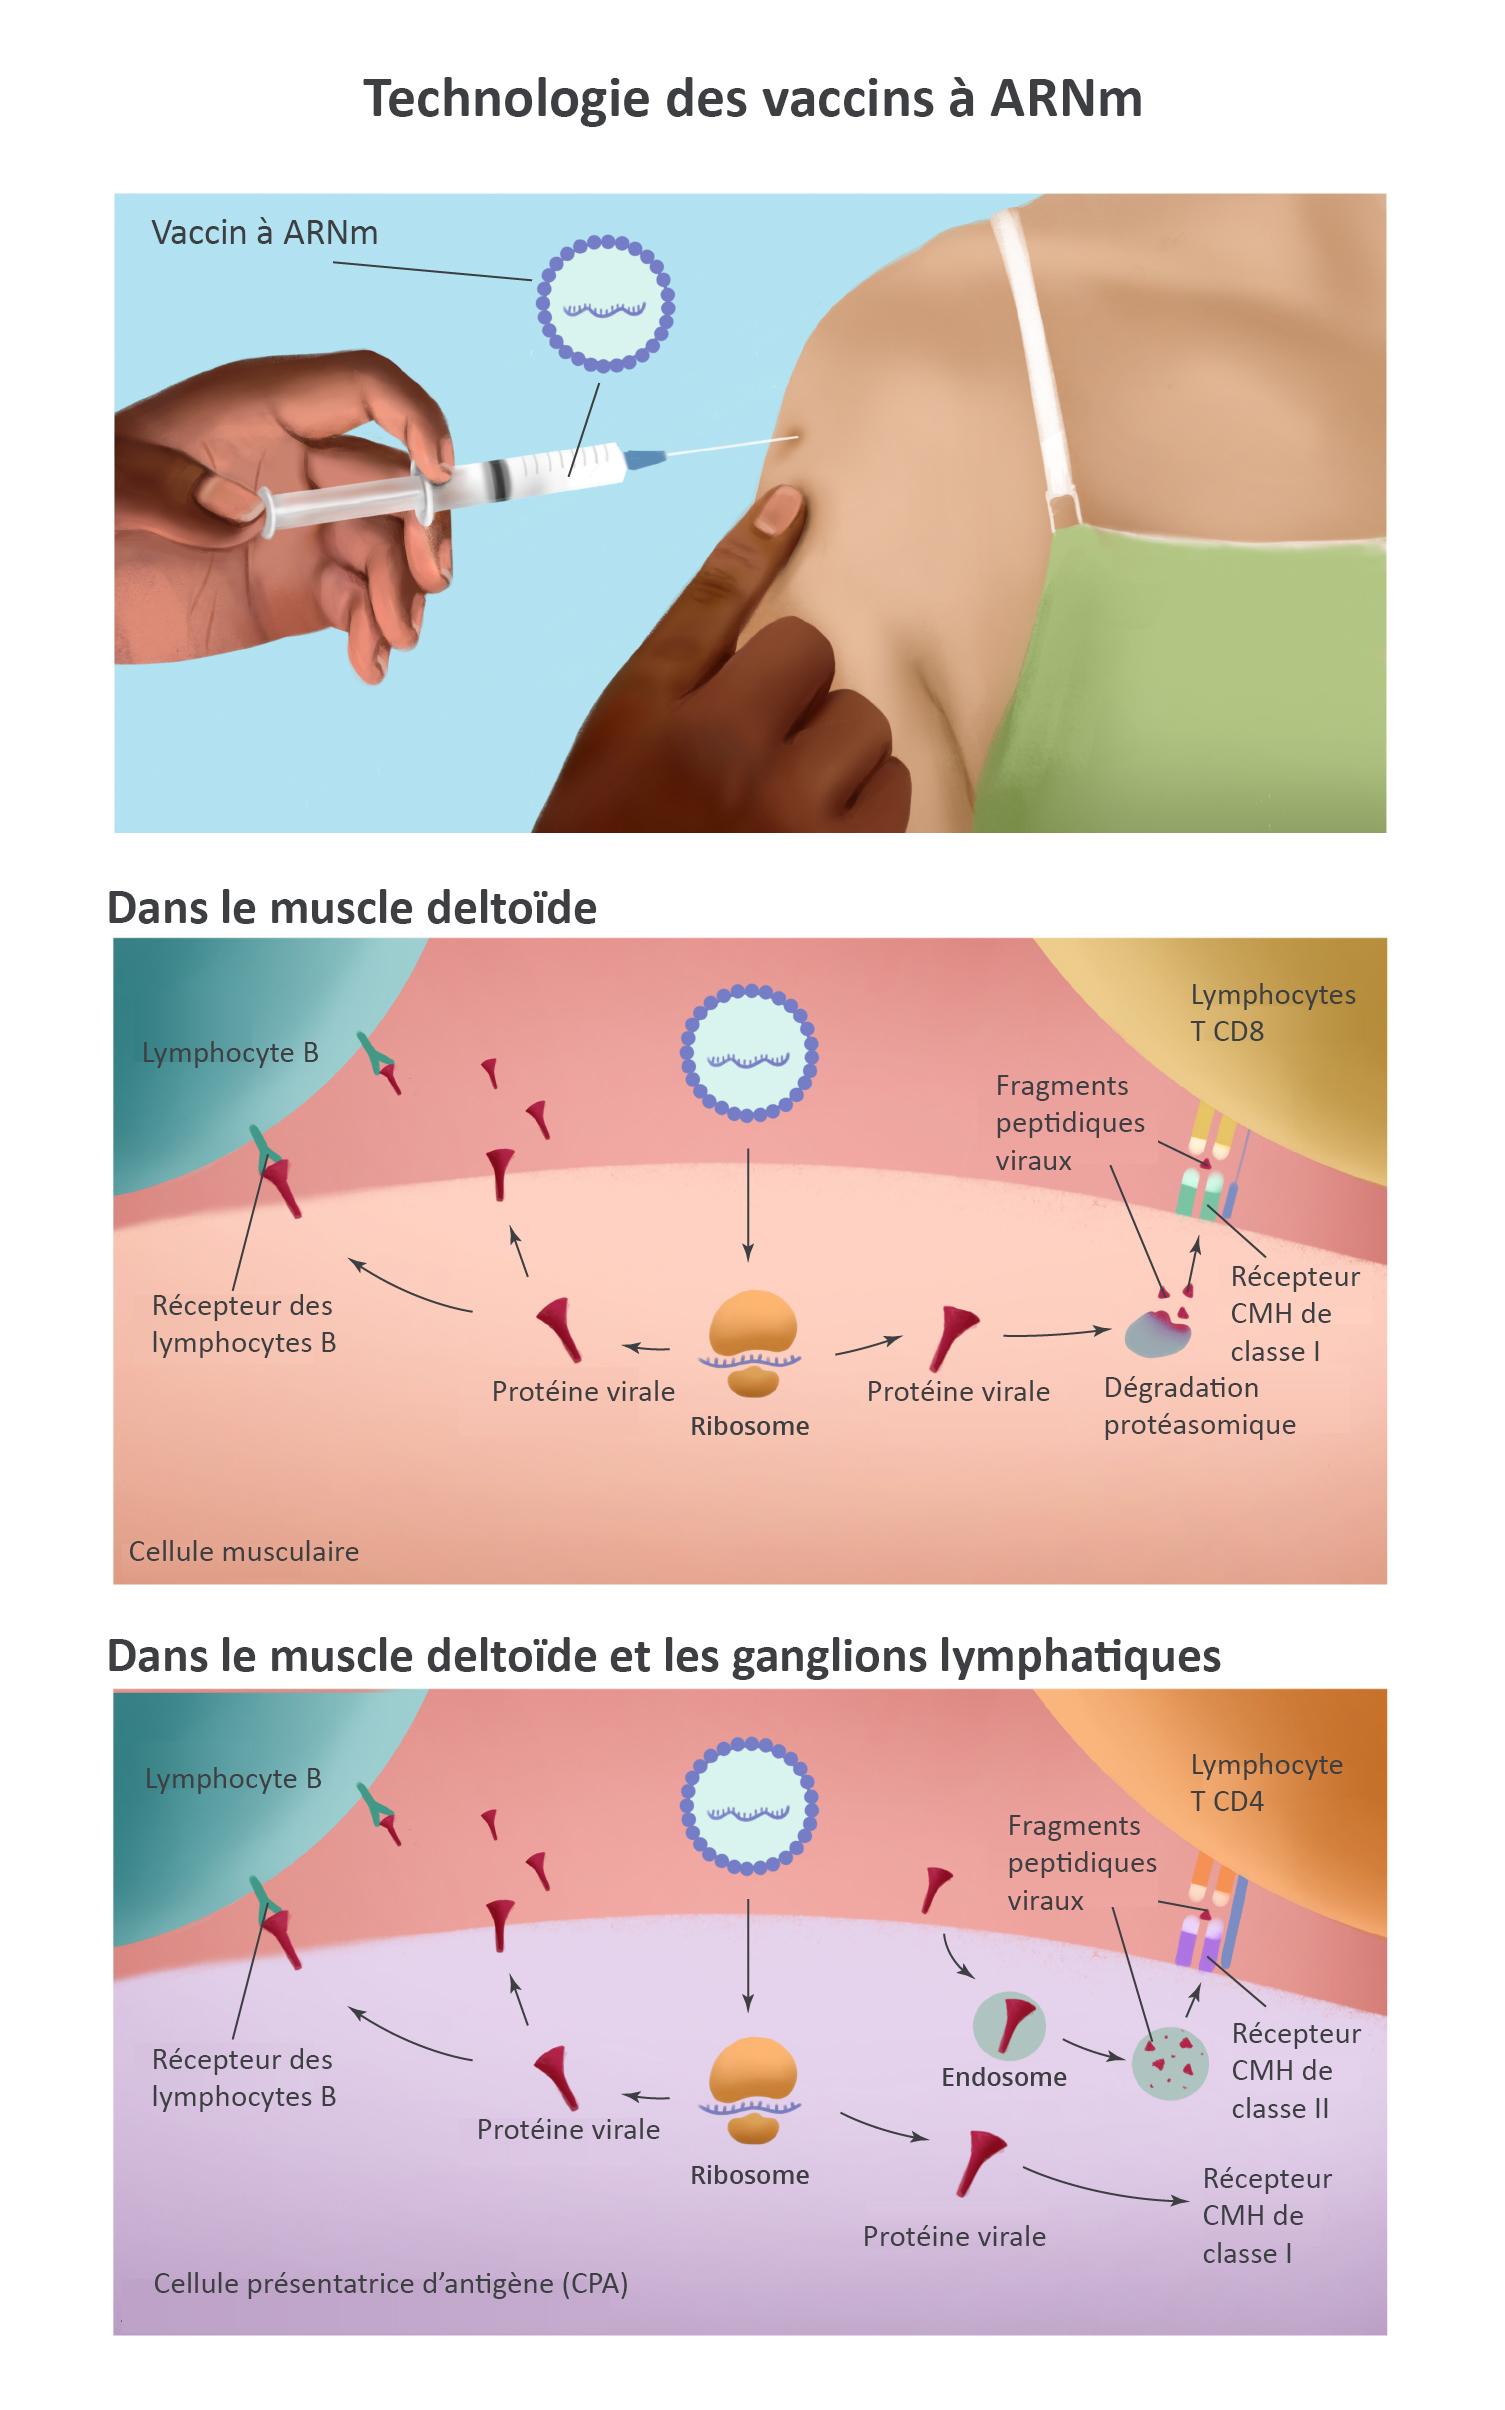 Le vaccin à ARNm est injecté dans le muscle de la partie supérieure du bras, provoquant des réactions immunitaires. Les détails sont décrits dans les paragraphes ci-dessous.